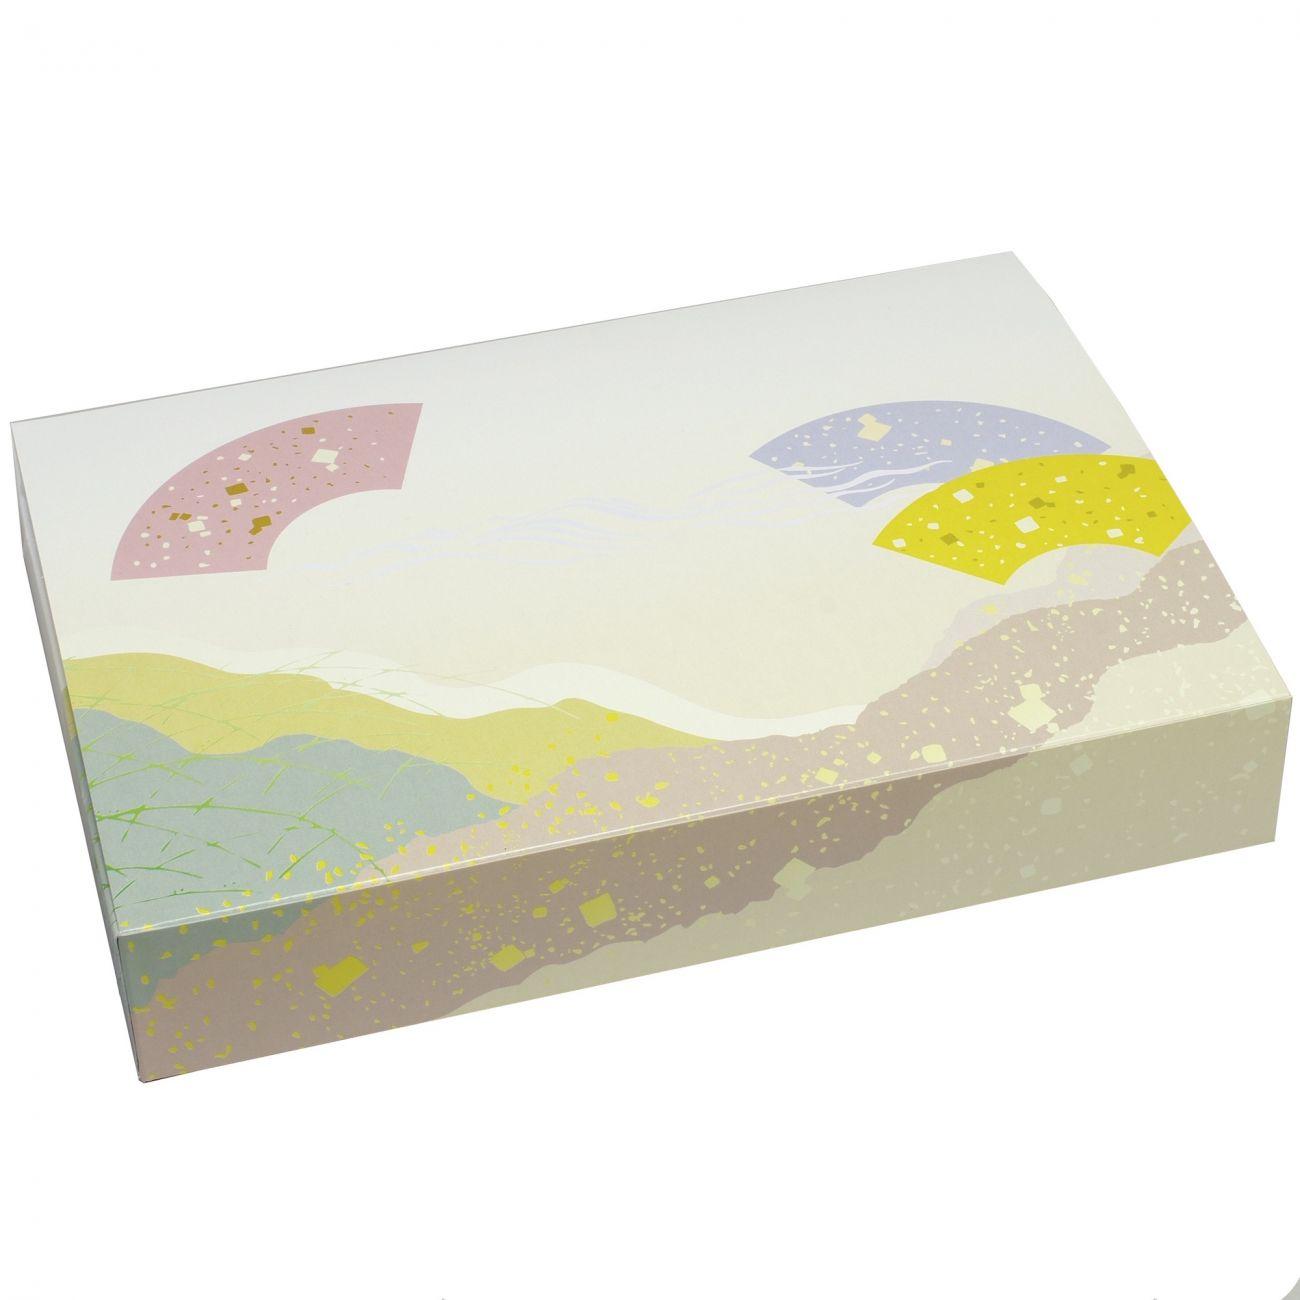 Disposable Bento Box